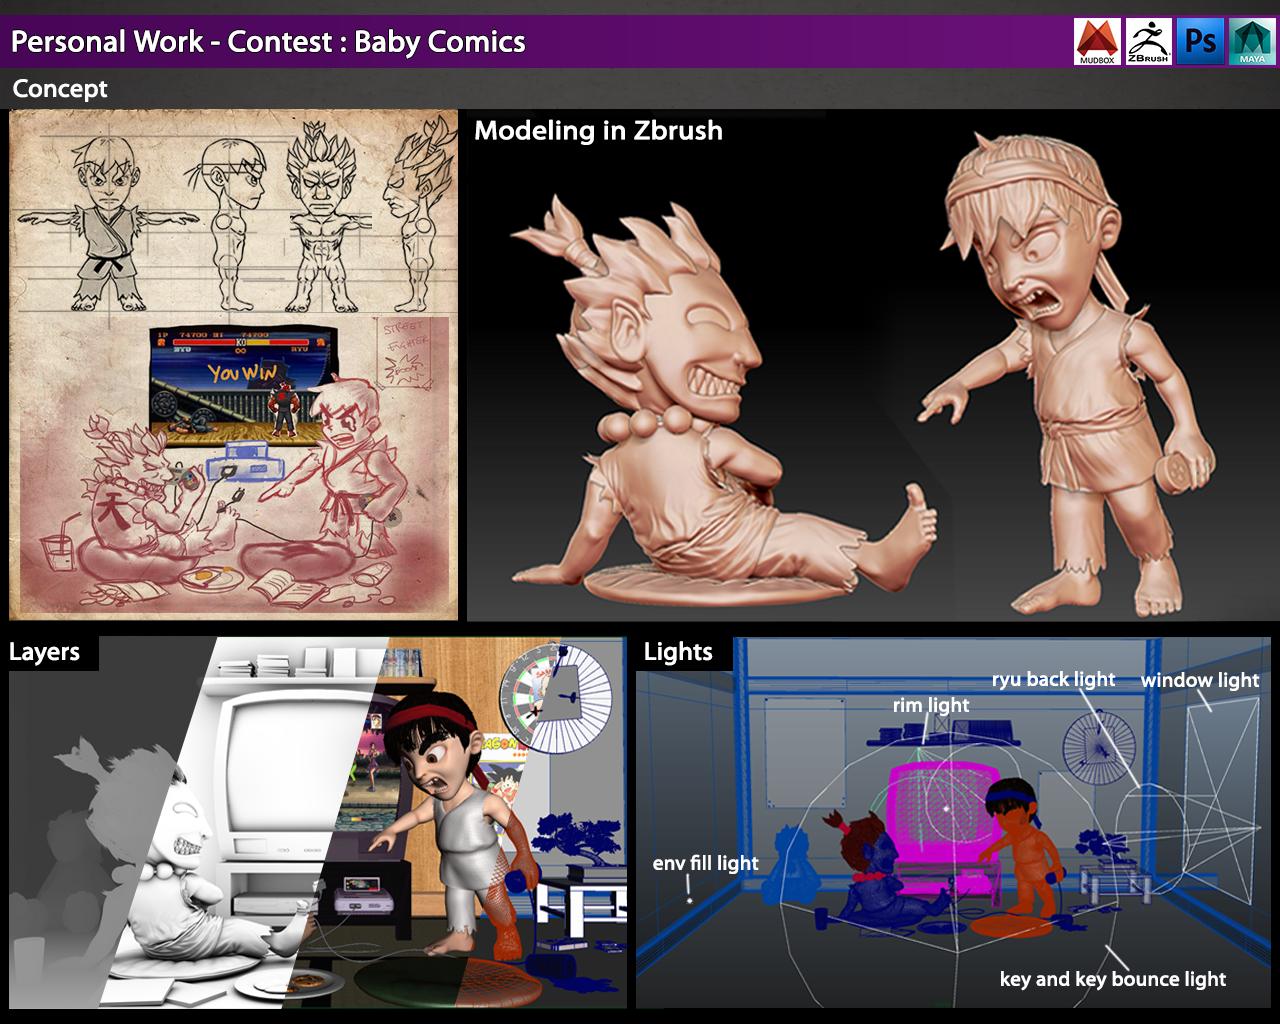 Baby contest 2014